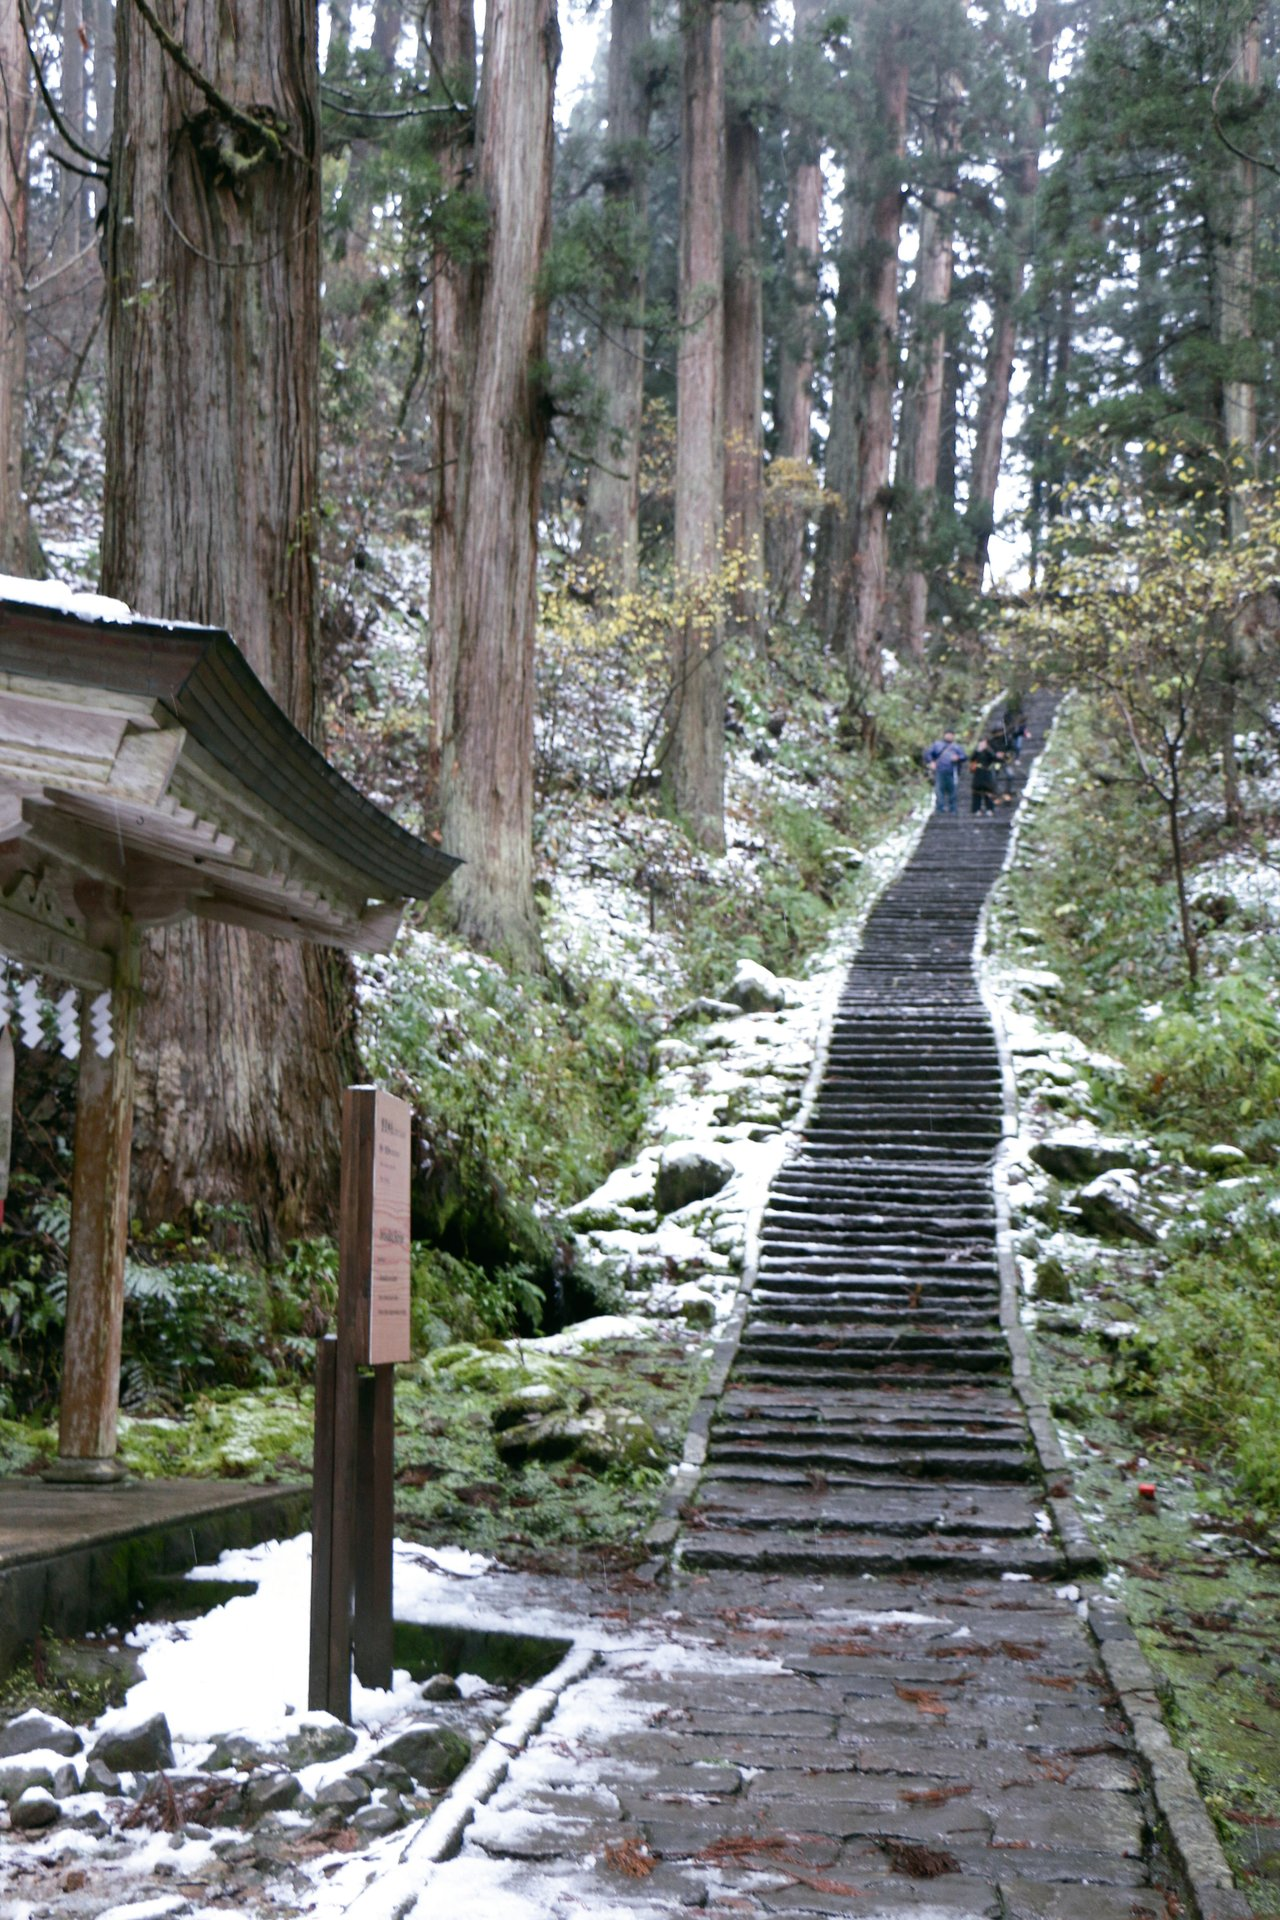 造訪羽黑山五重塔,進入隨神門後,有一段綿延的步道。